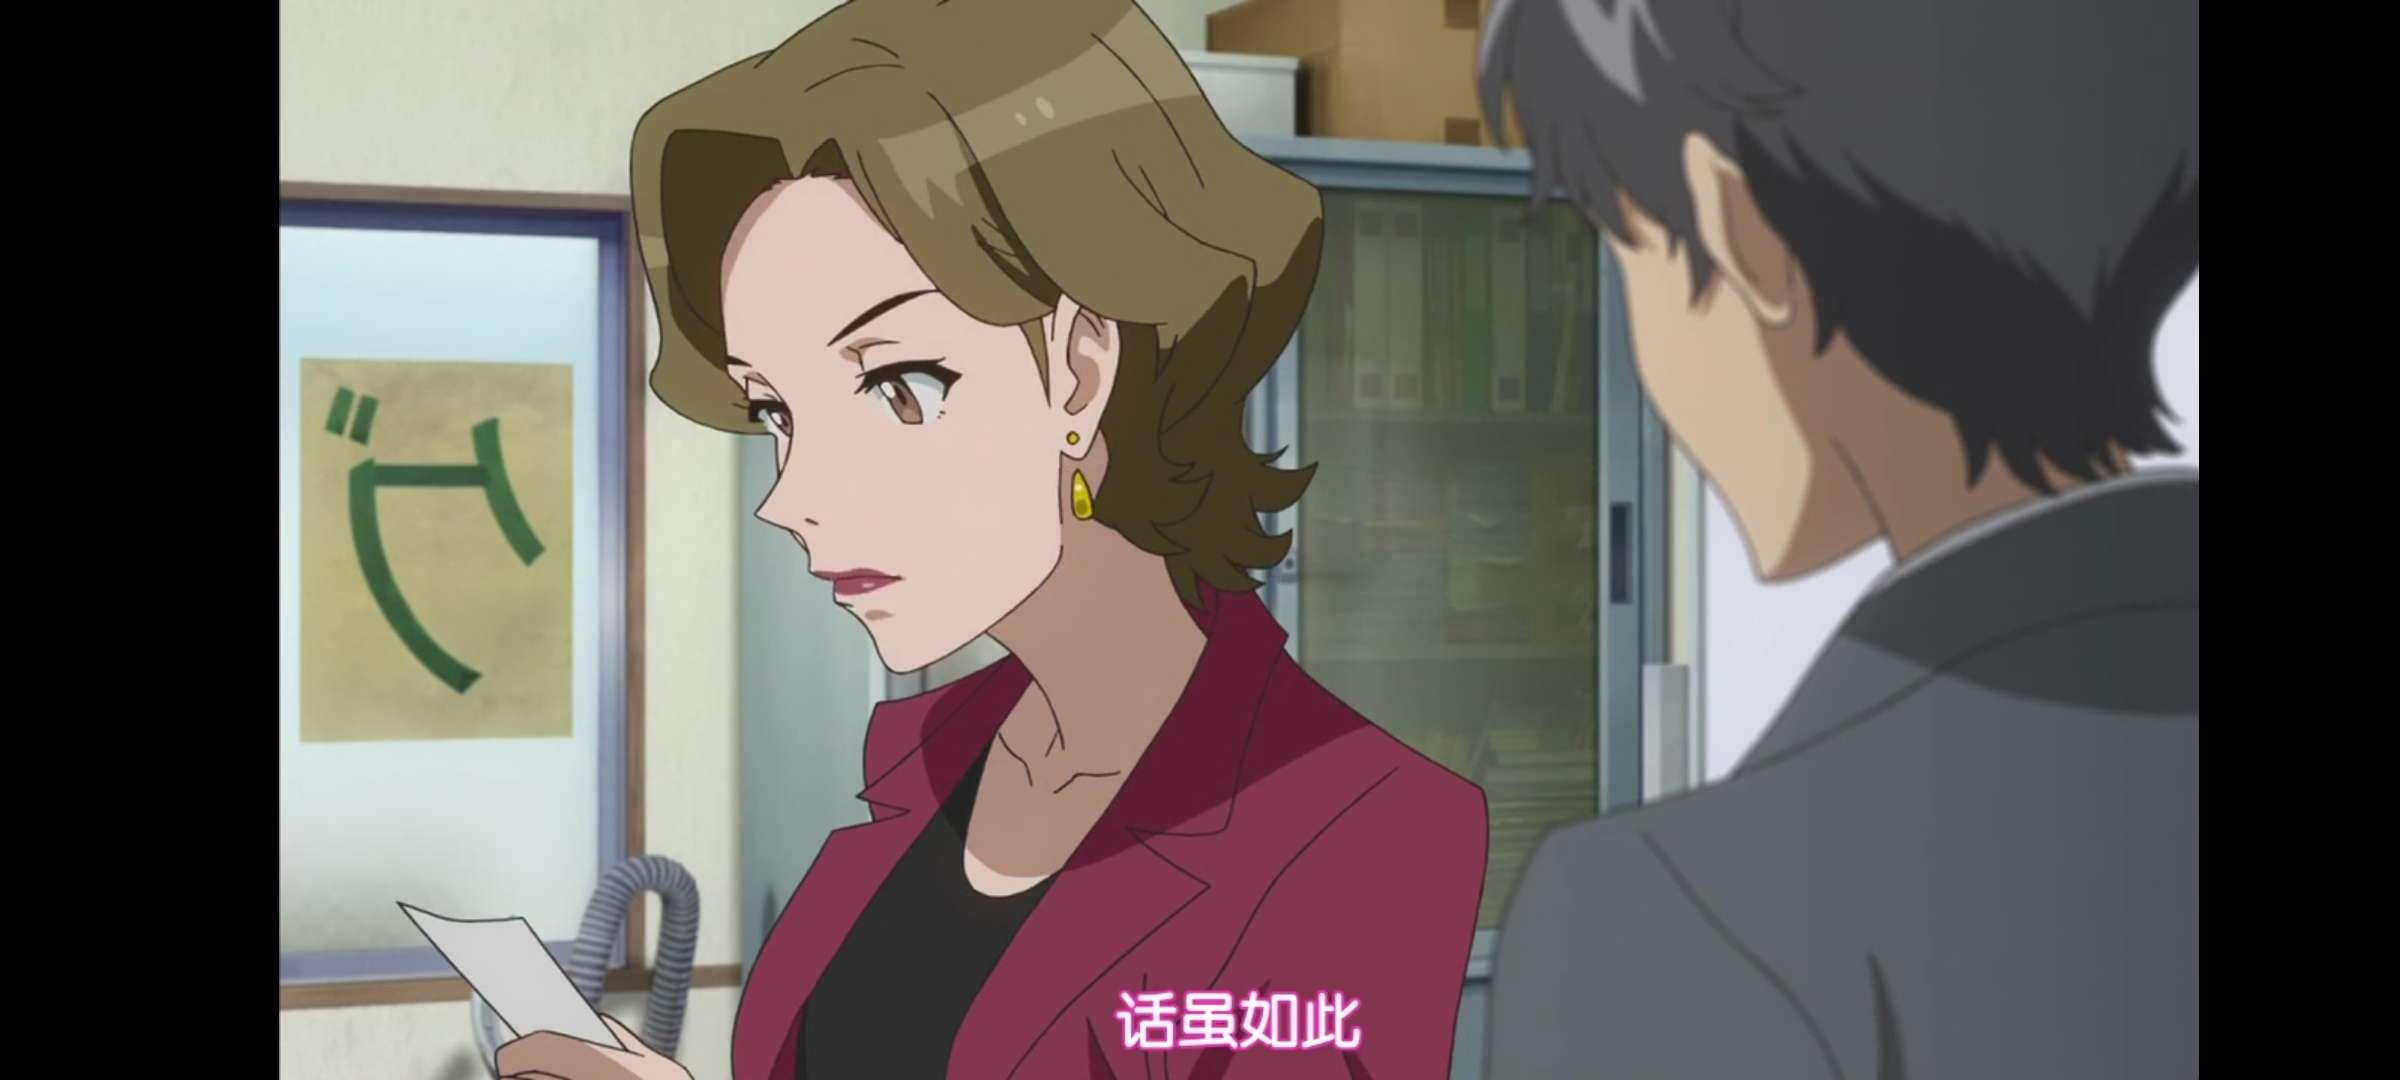 【动漫推荐】武装少女OVA